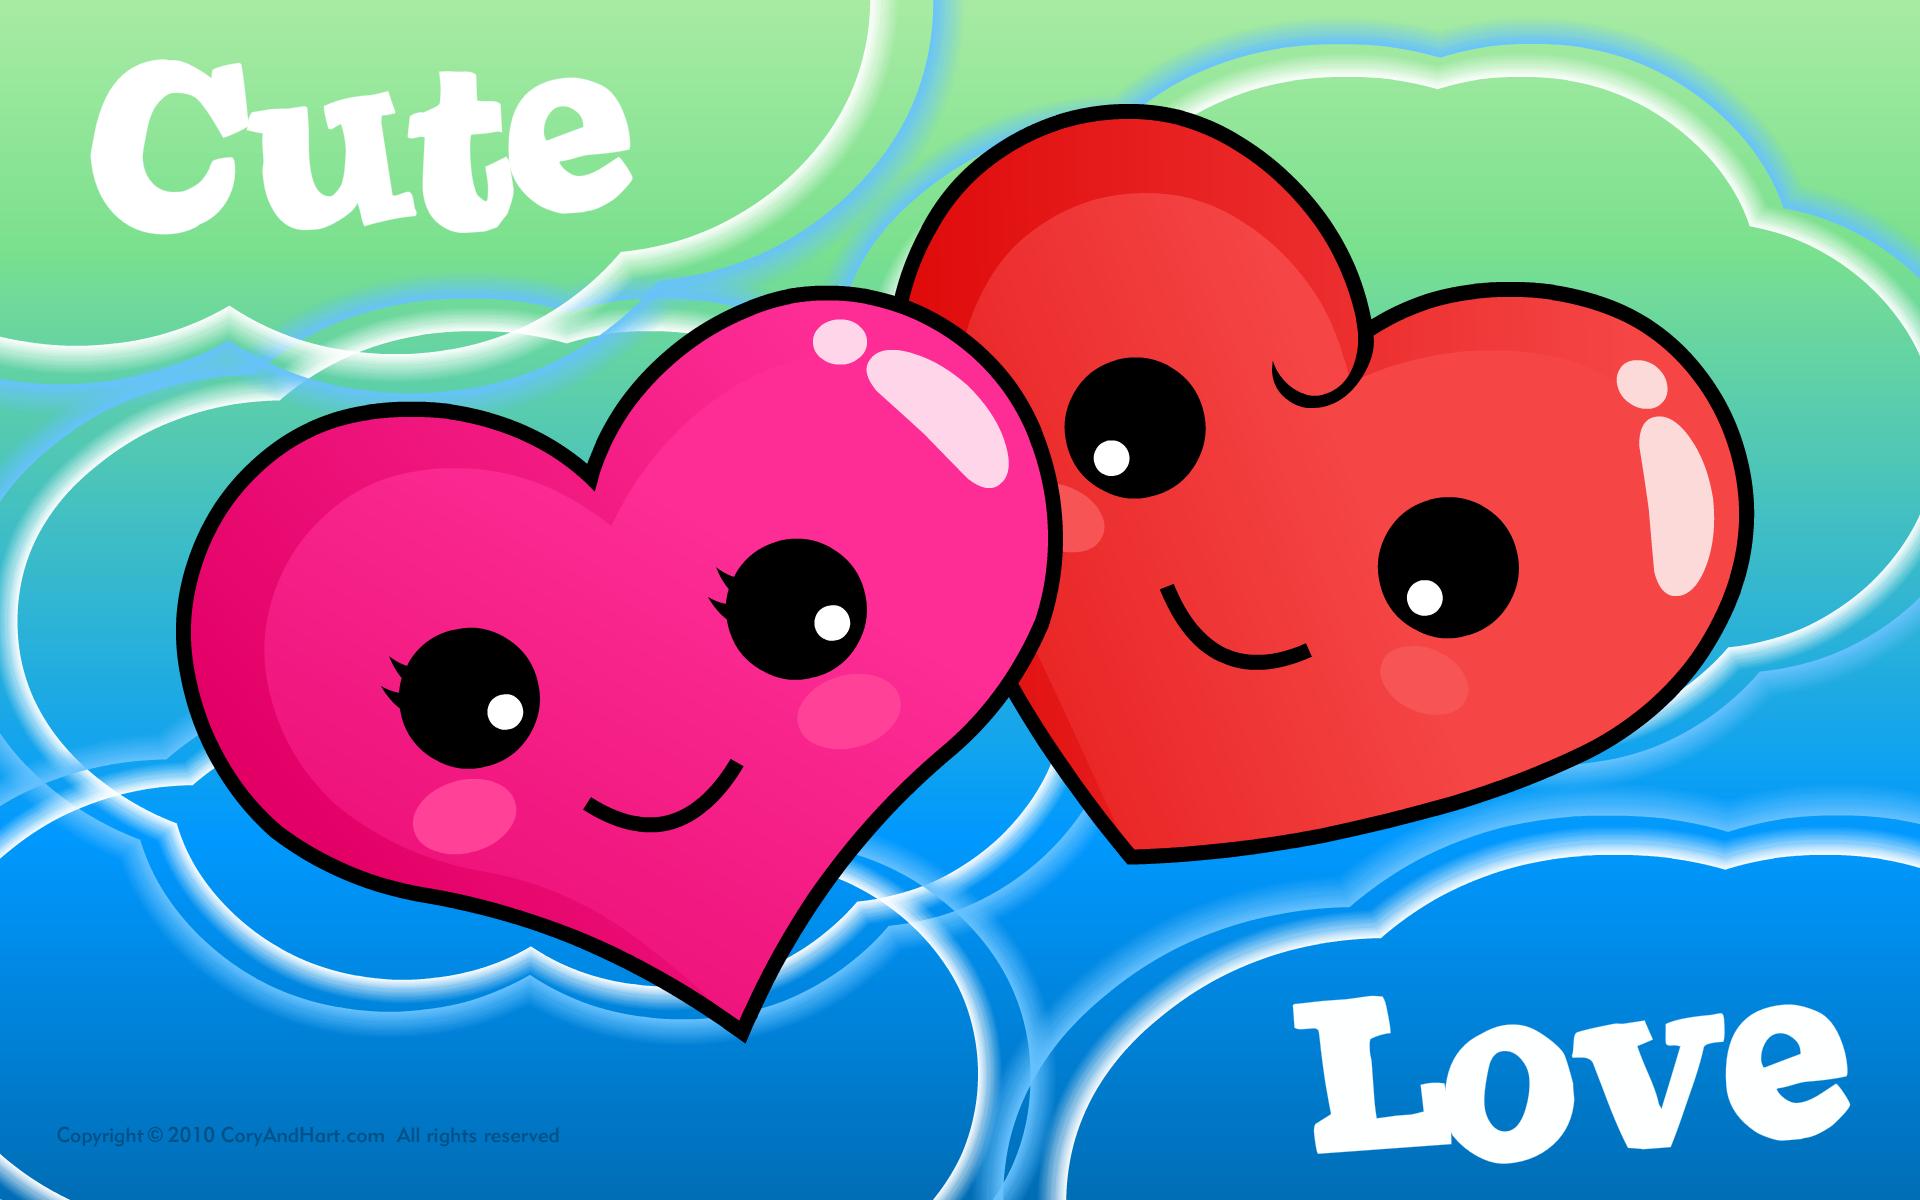 Cute Love Wallpaper Full Hd: Cute Love